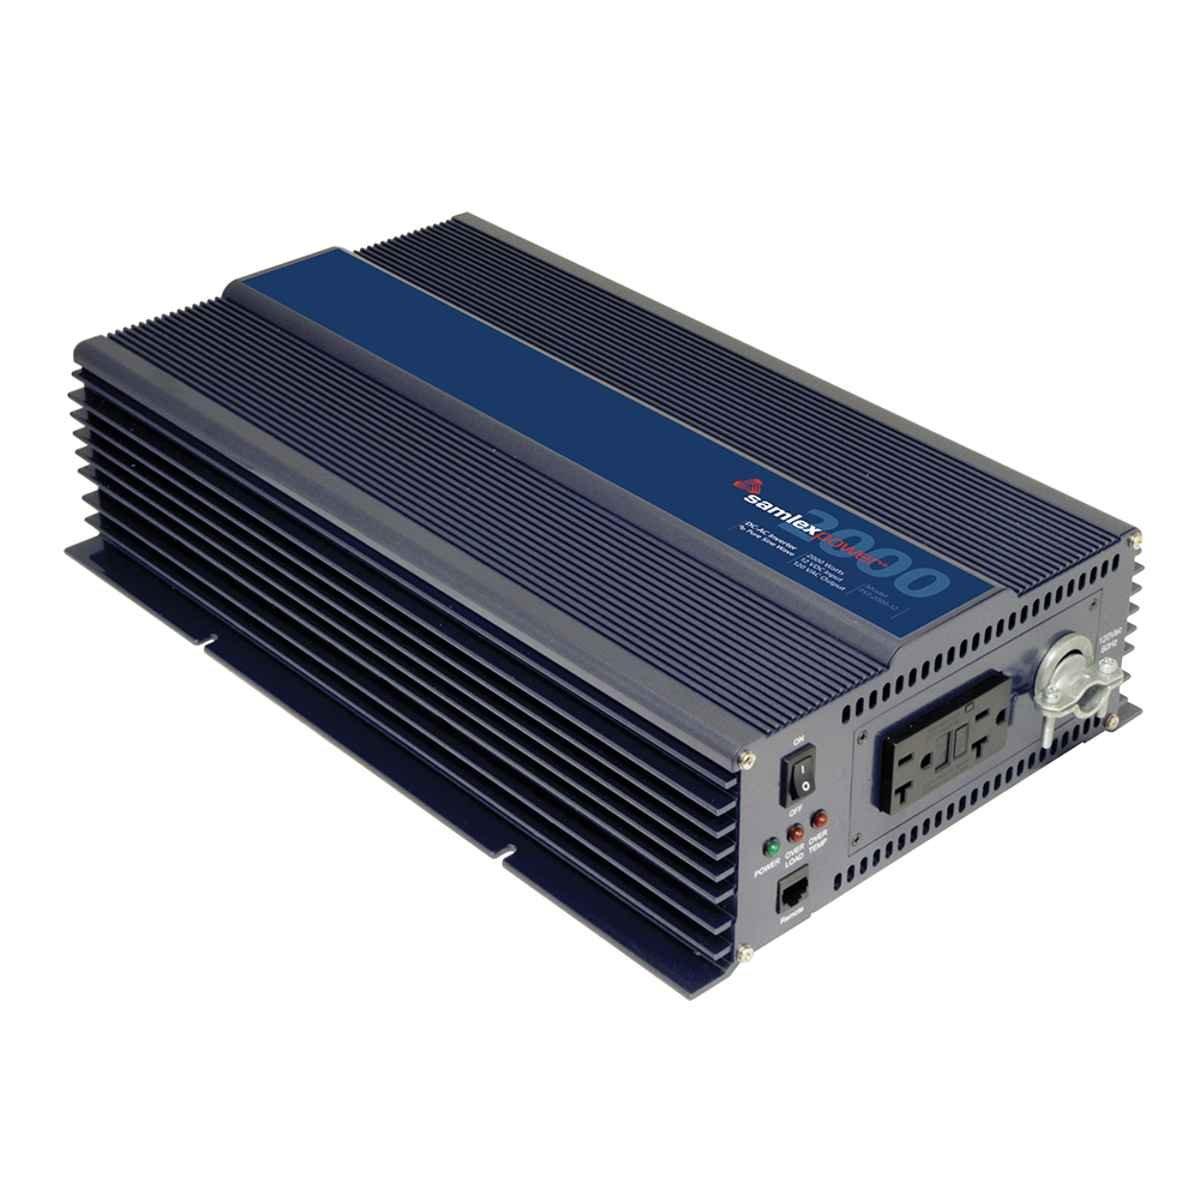 2. Samlex America PST-2000-12 PST Series Pure Sine Wave Inverter